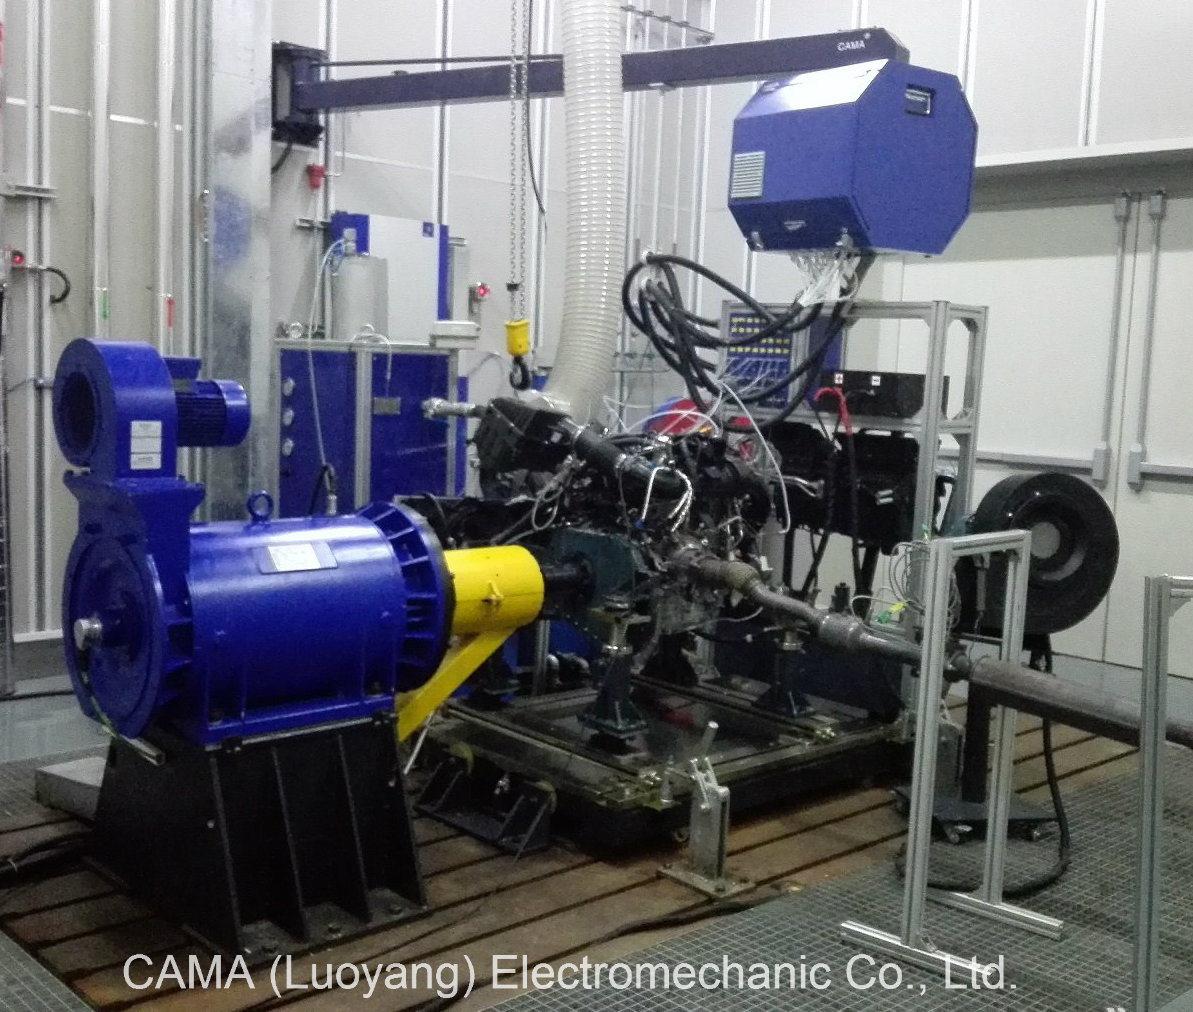 Transit Fuel Mass Flow Meter for Consumption Measurement